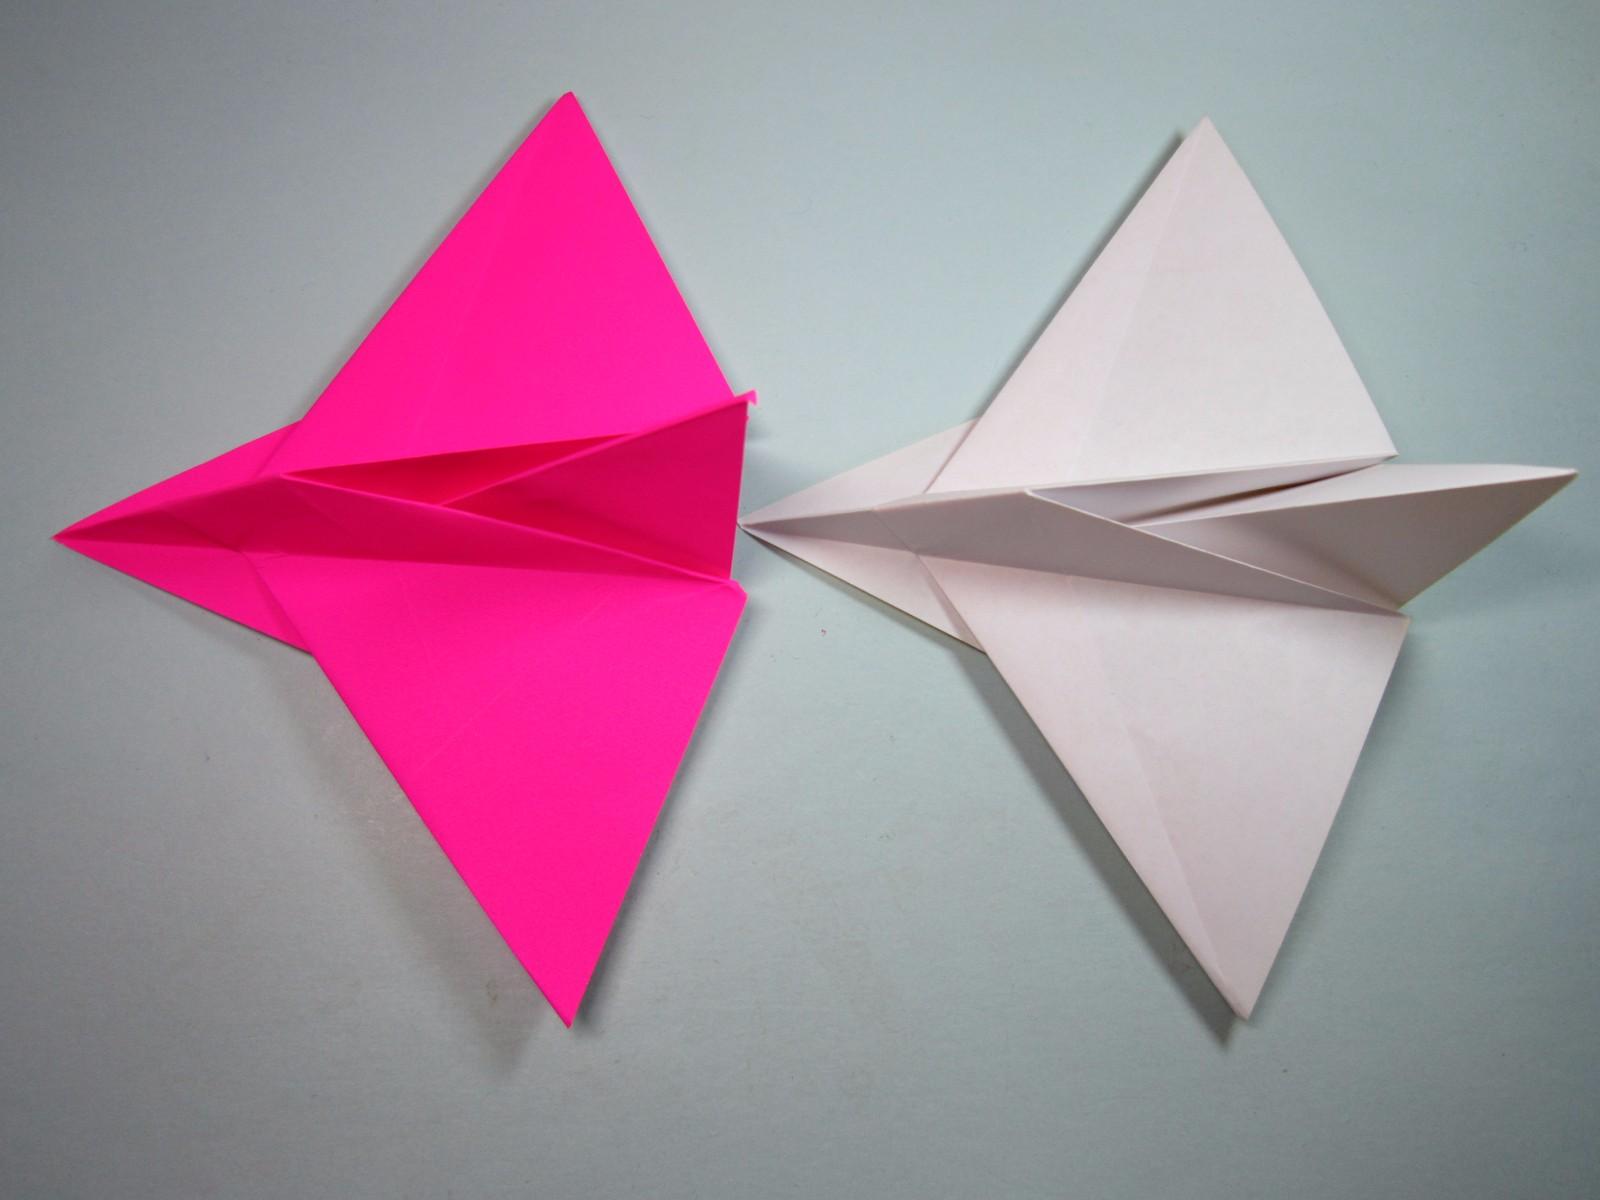 1张正方形纸3分钟折出美丽的纸飞机,diy手工飞机折纸教程